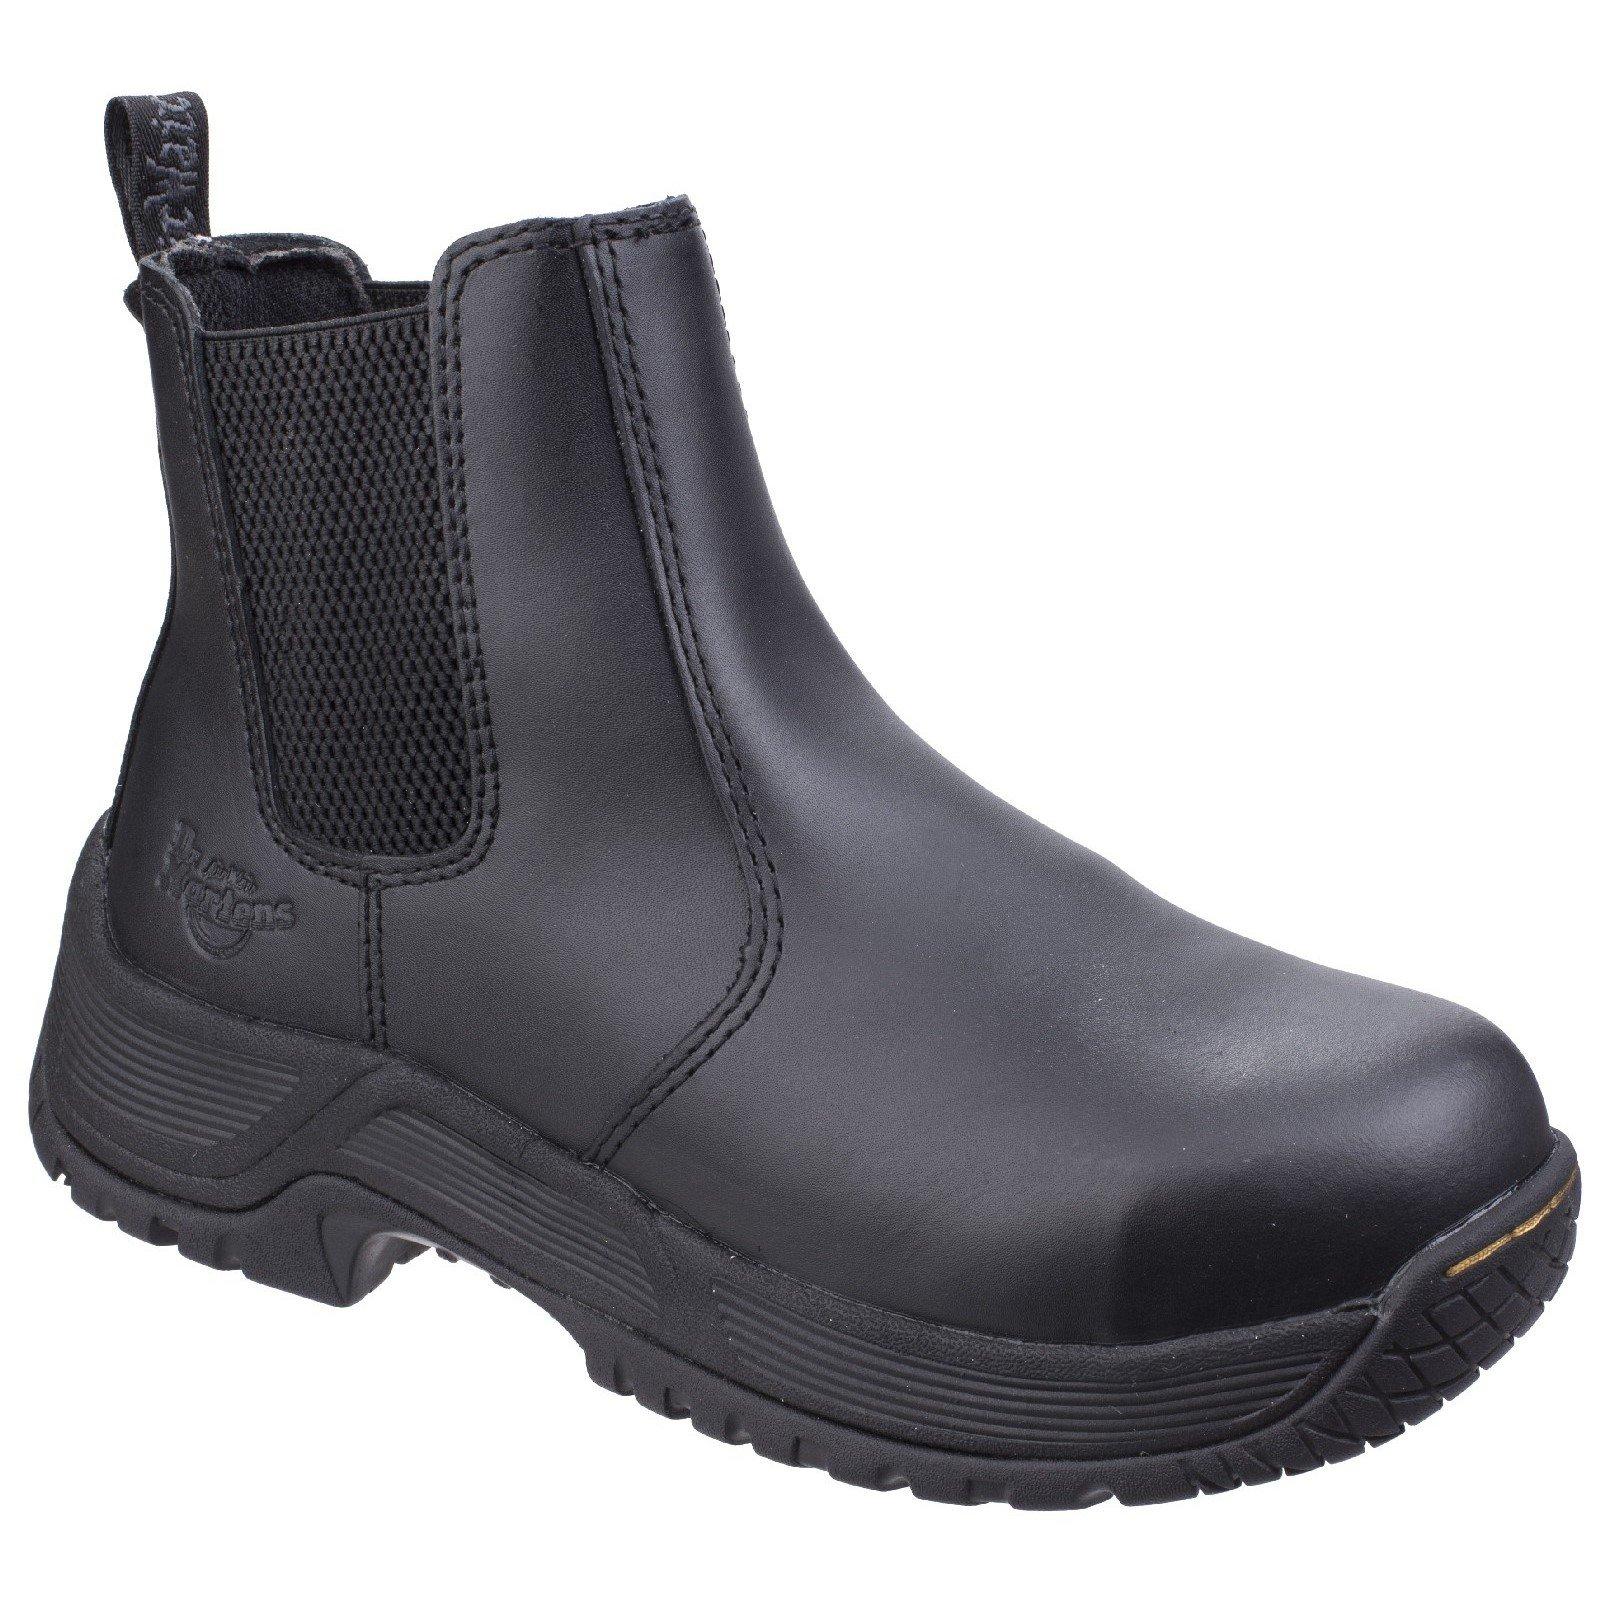 Dr Martens Men's Drakelow Safety Boot Black 26021 - Black 8